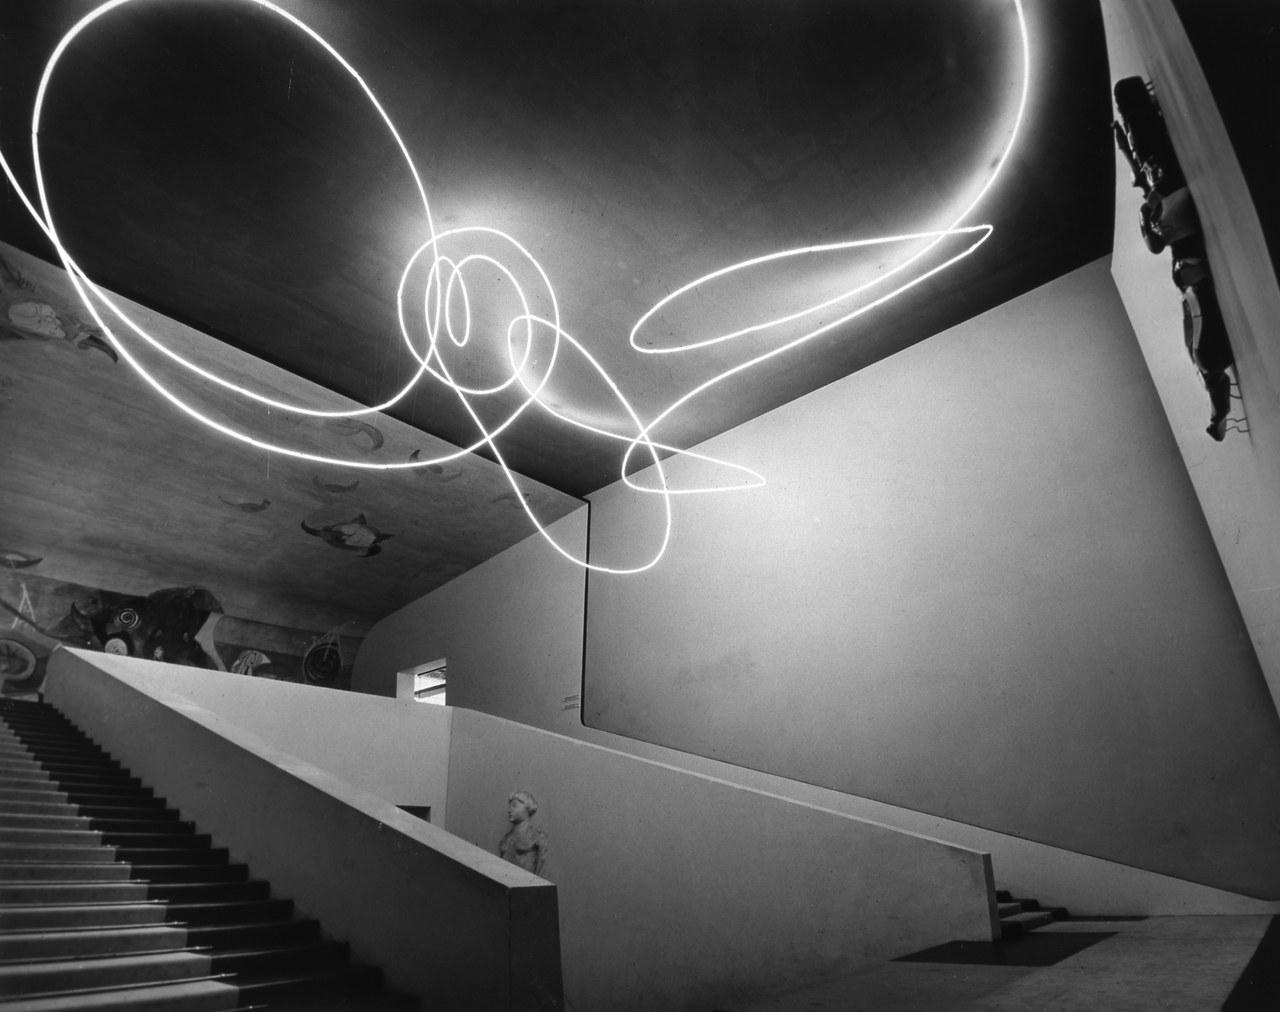 Lucio Fontana, Struttura al neon per la IX edizione della Triennale di Milano, 1951 ©Fondazione Fontana